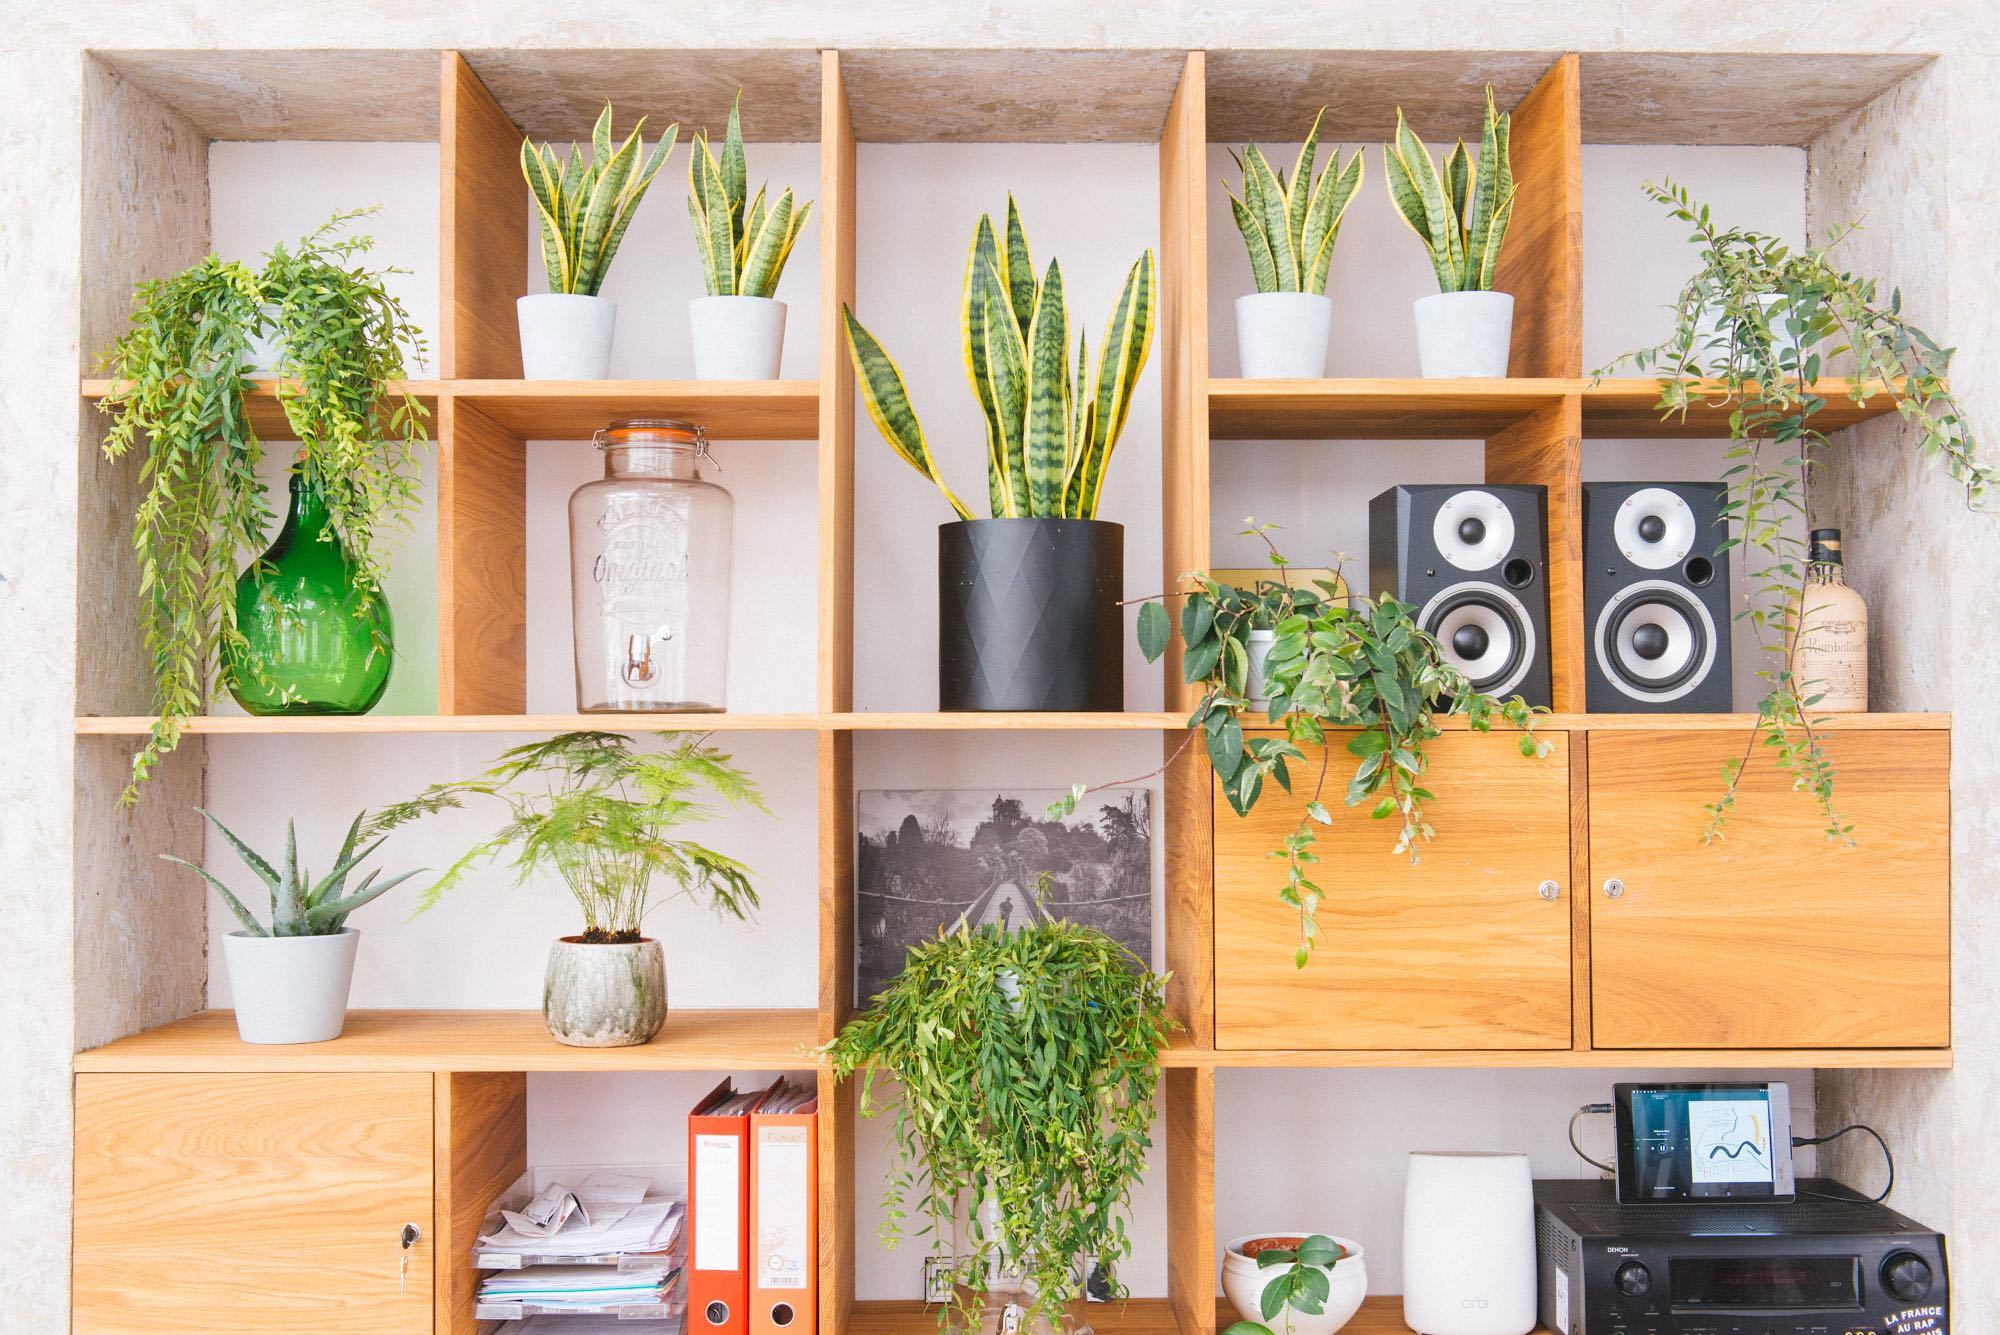 bureau végétalisation plantes d'intérieur